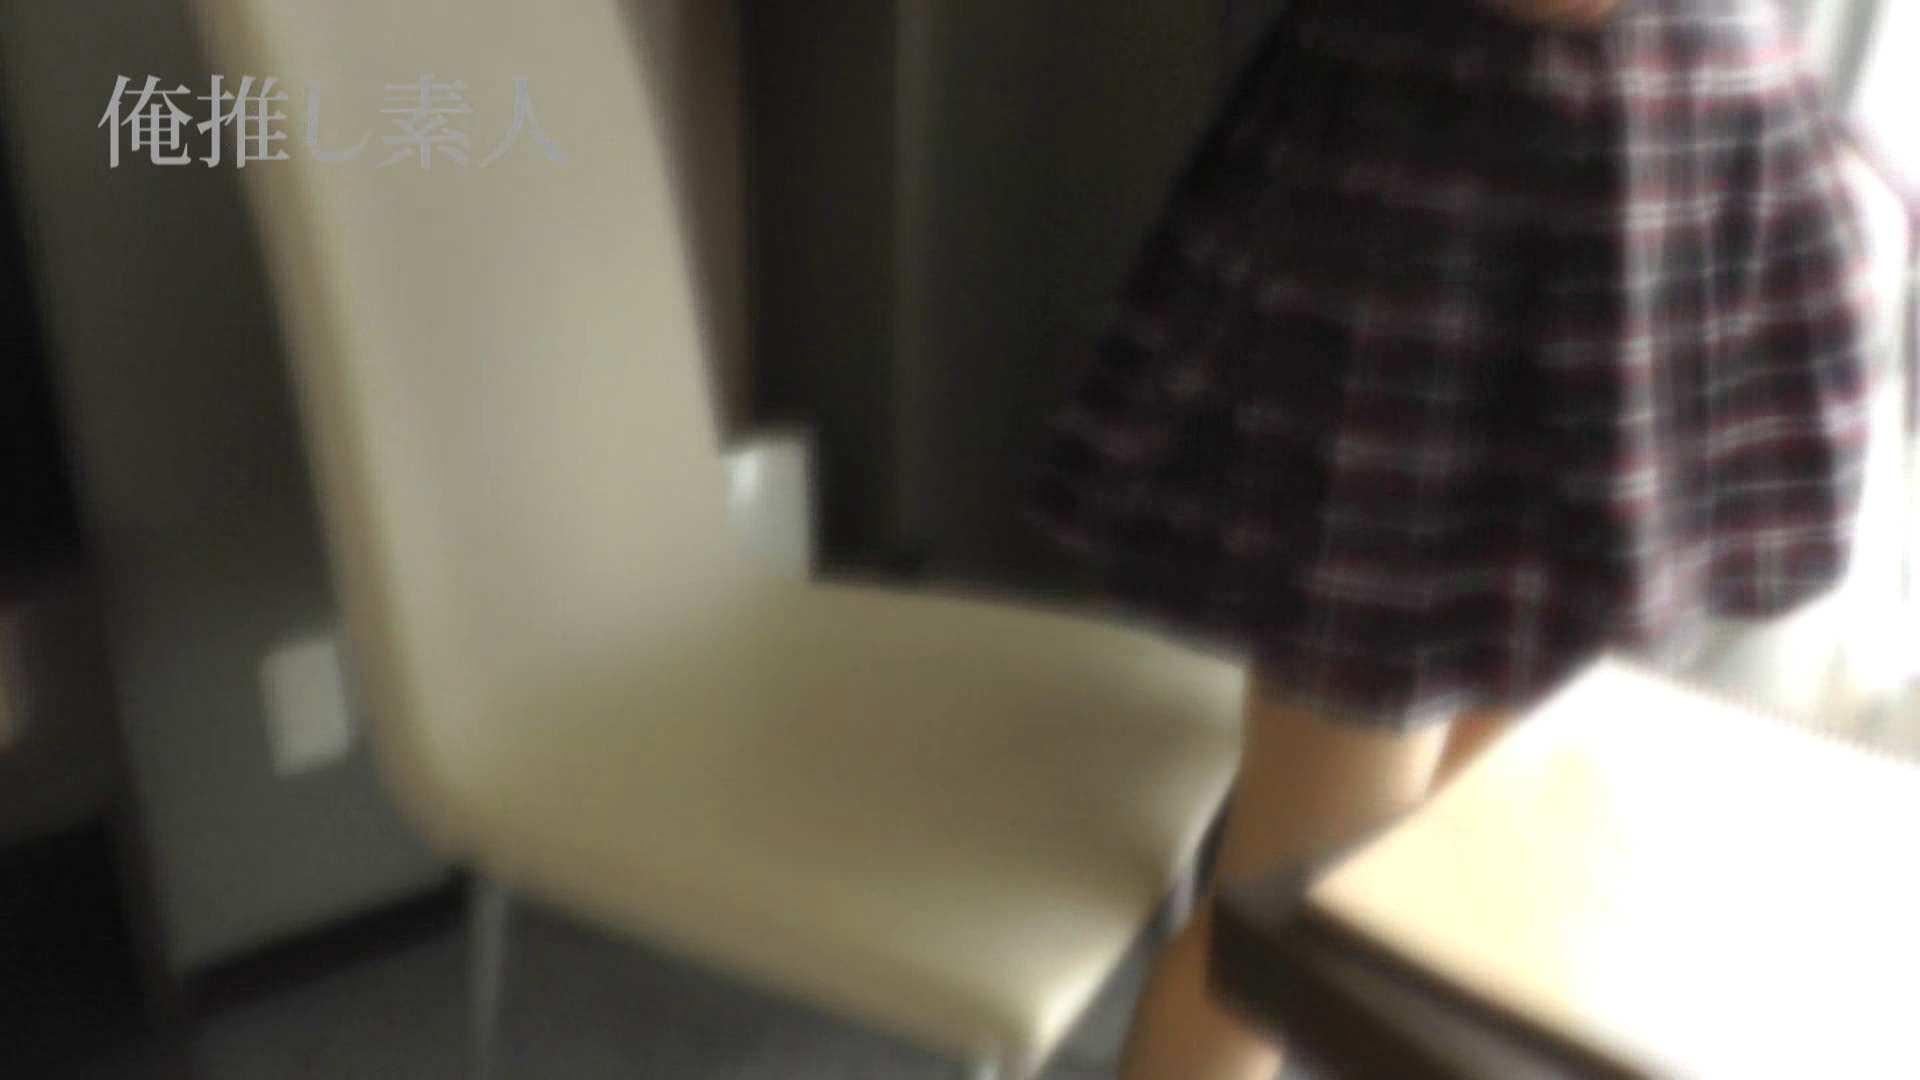 俺推し素人 キャバクラ嬢26歳久美vol6 素人流出動画  110枚 18